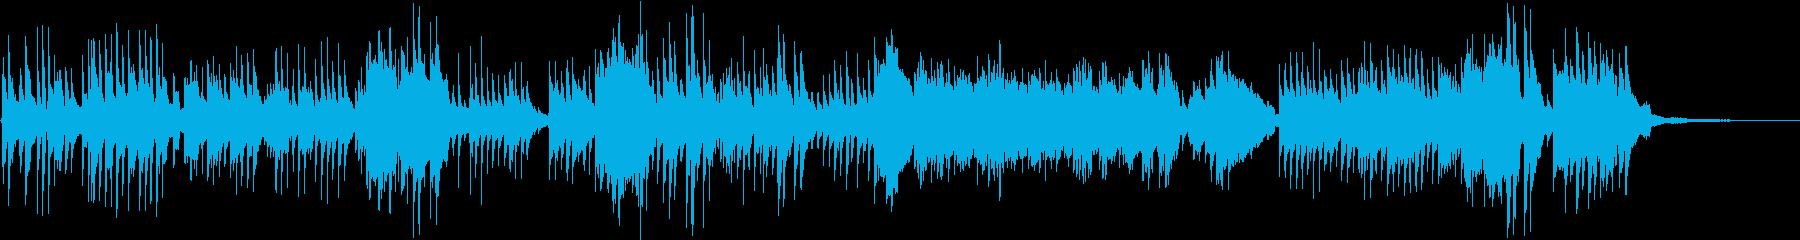 ひなまつり/和風/沢山の楽器達がお祝いの再生済みの波形